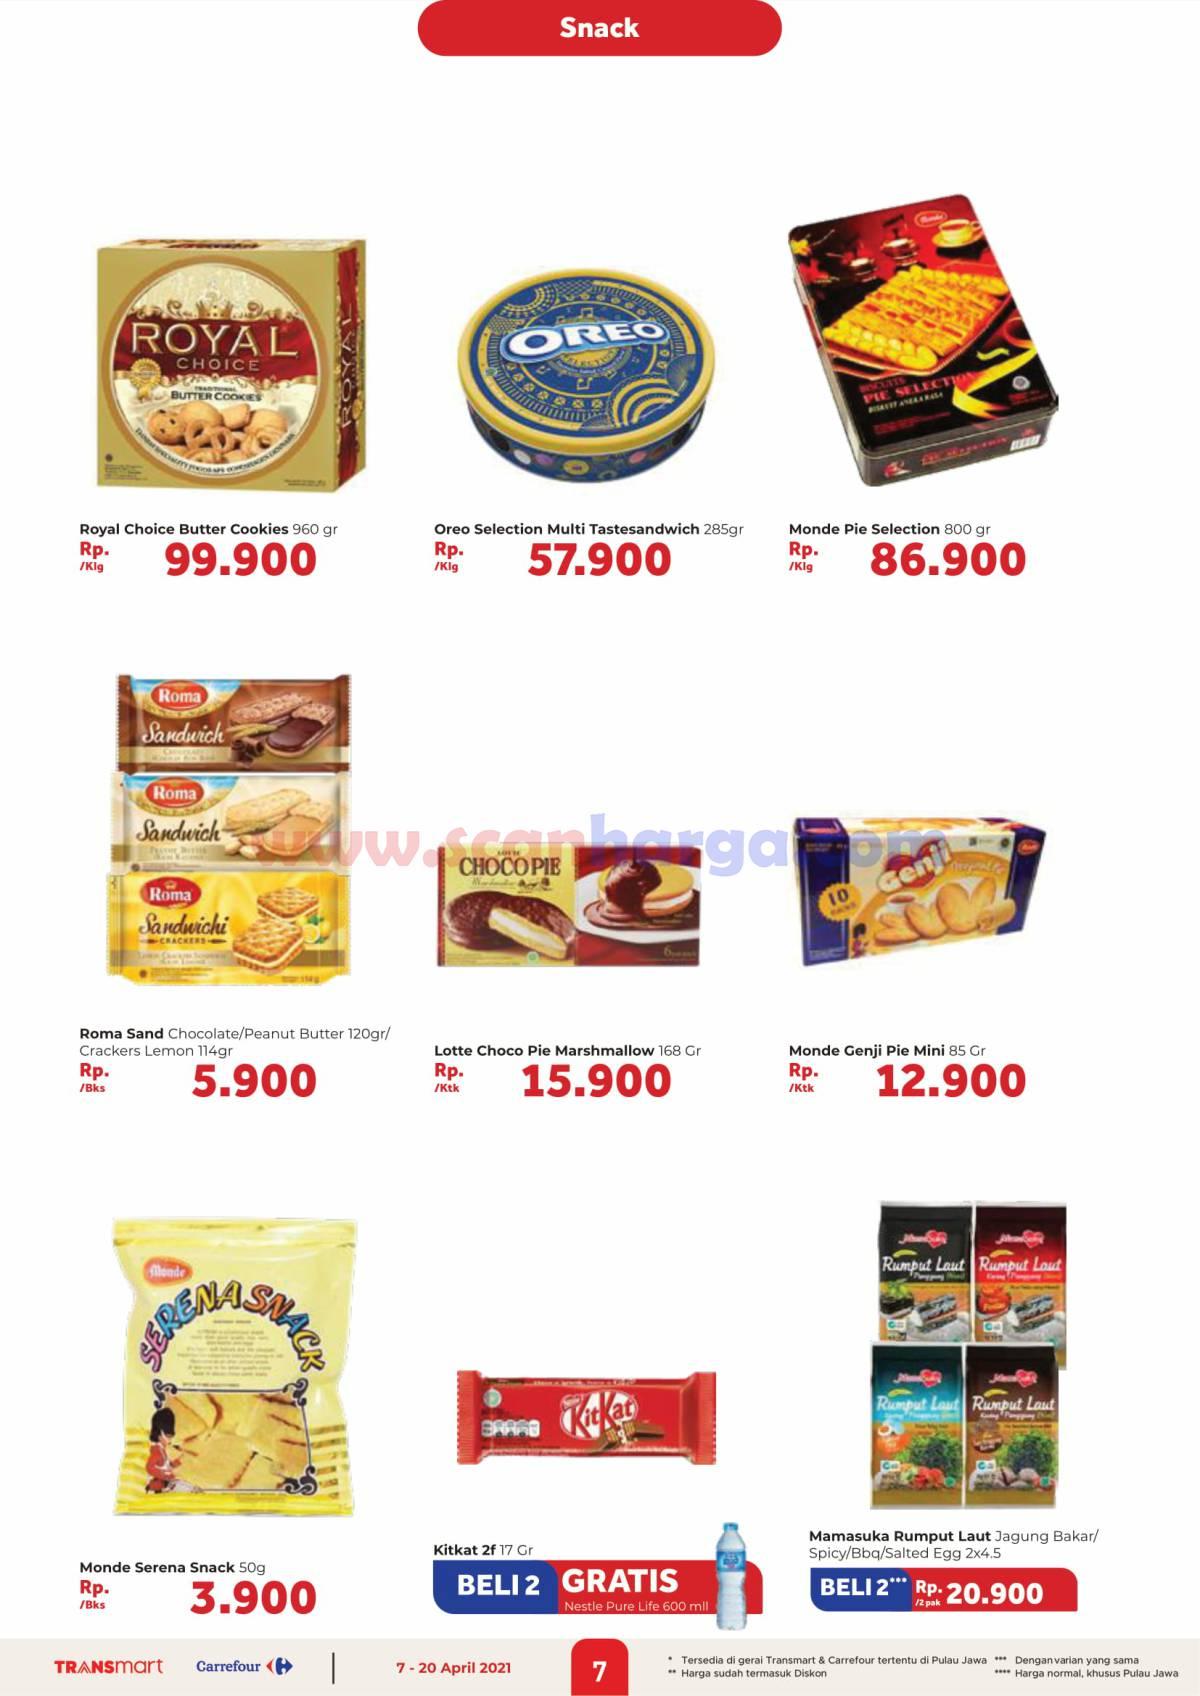 Katalog Promo Carrefour Transmart 7 - 20 April 2021 7